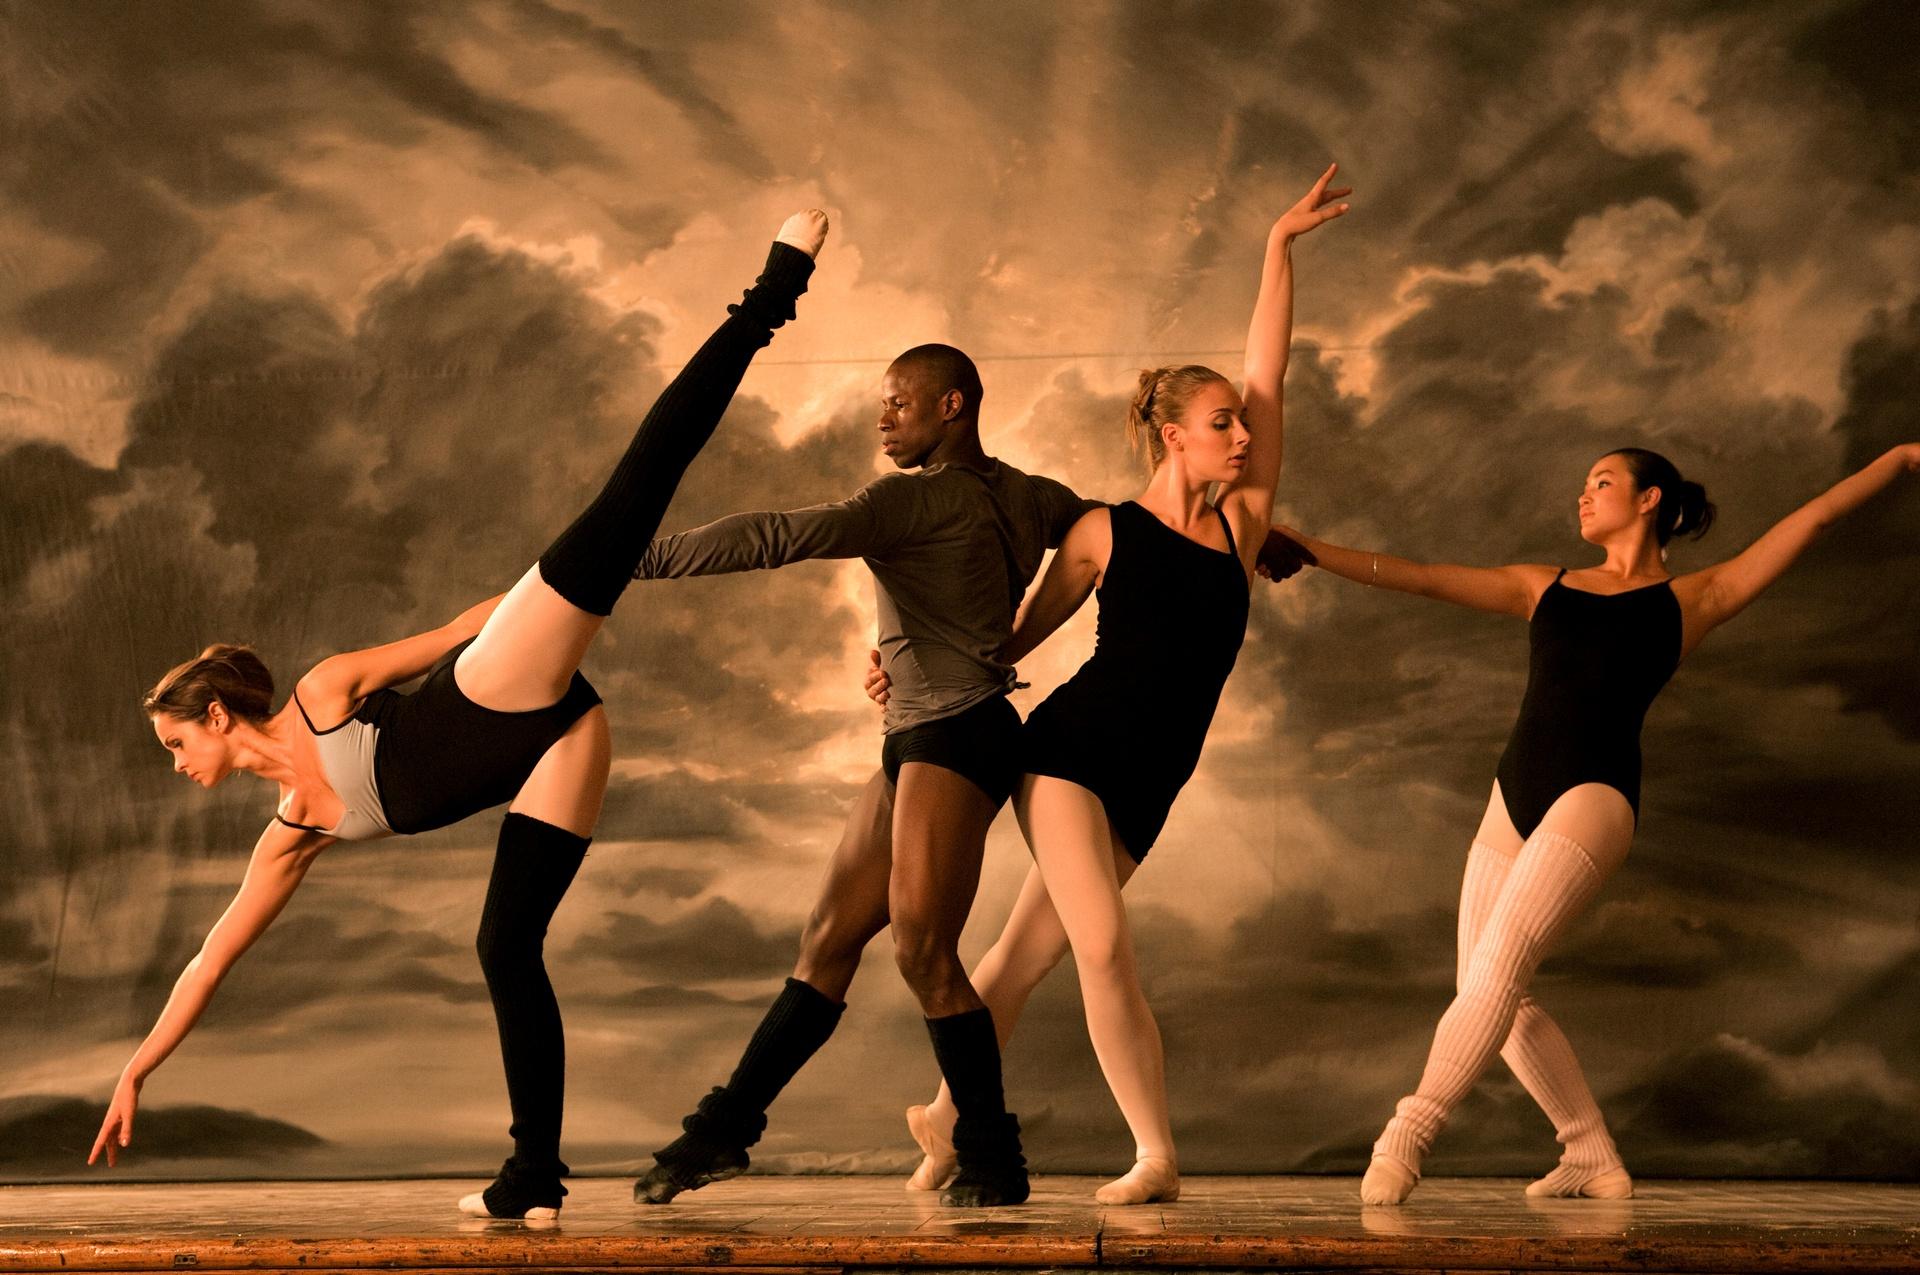 сегодняшнем интересном танцы с картинками разберёмся